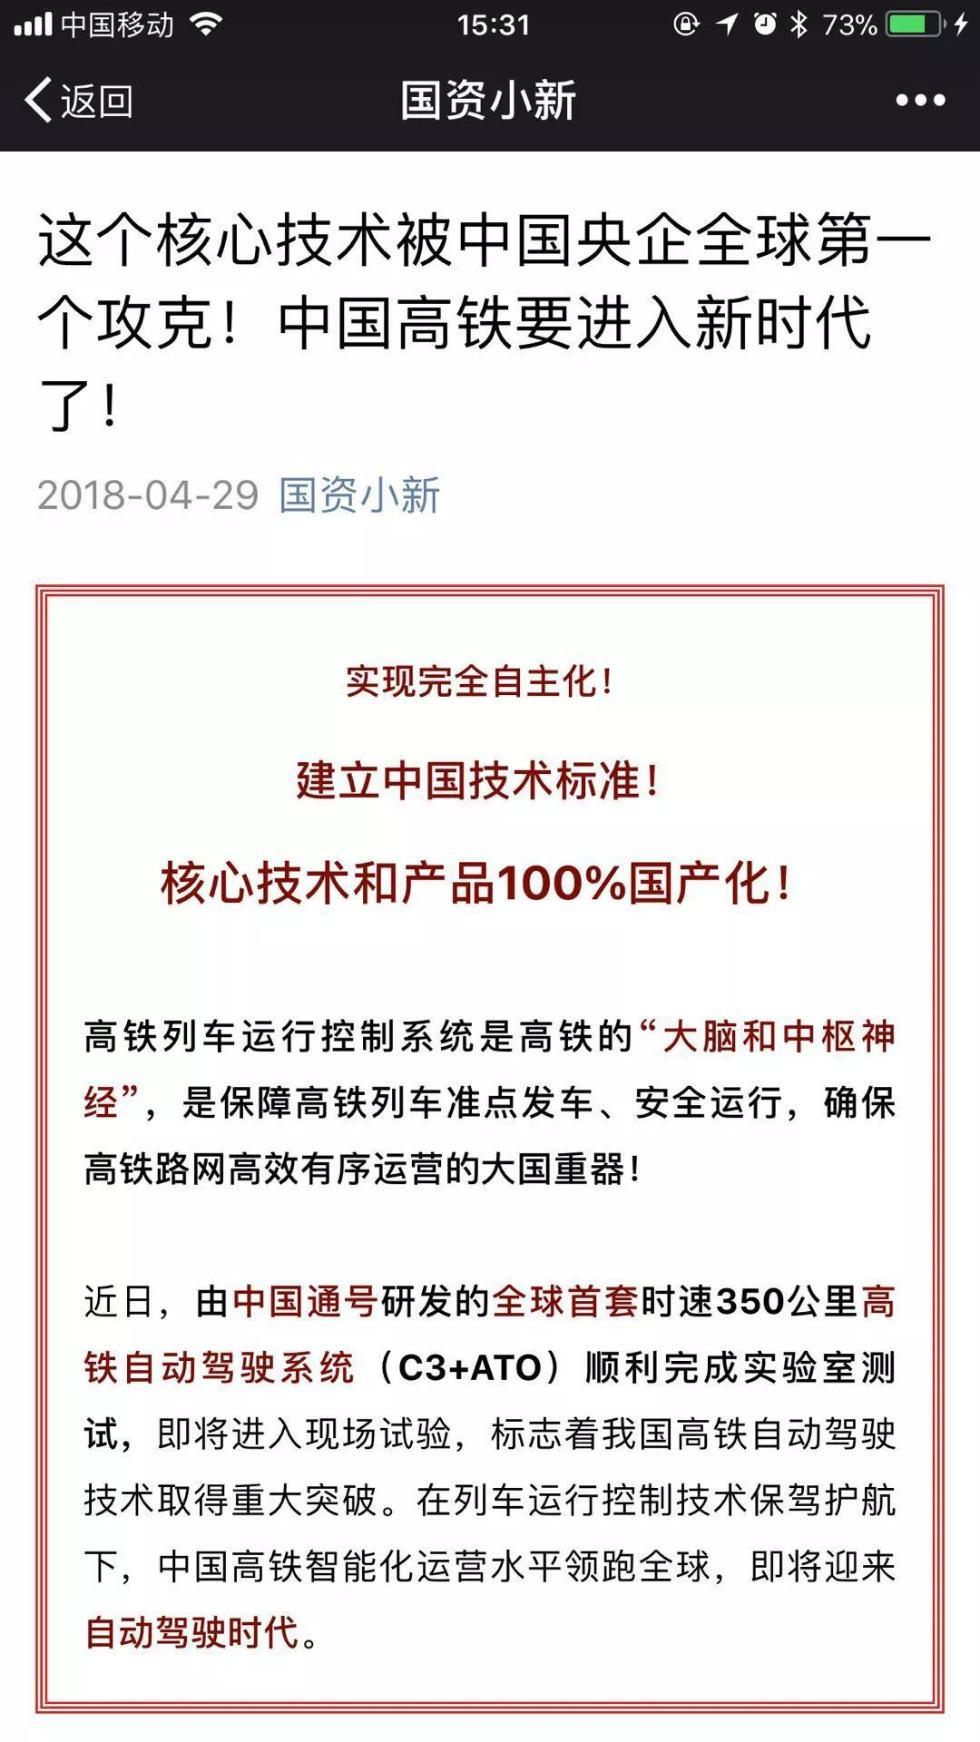 骄傲!中国又打破了一项发达国家的技术垄断! - yuhongbo555888 - yuhongbo555888的博客